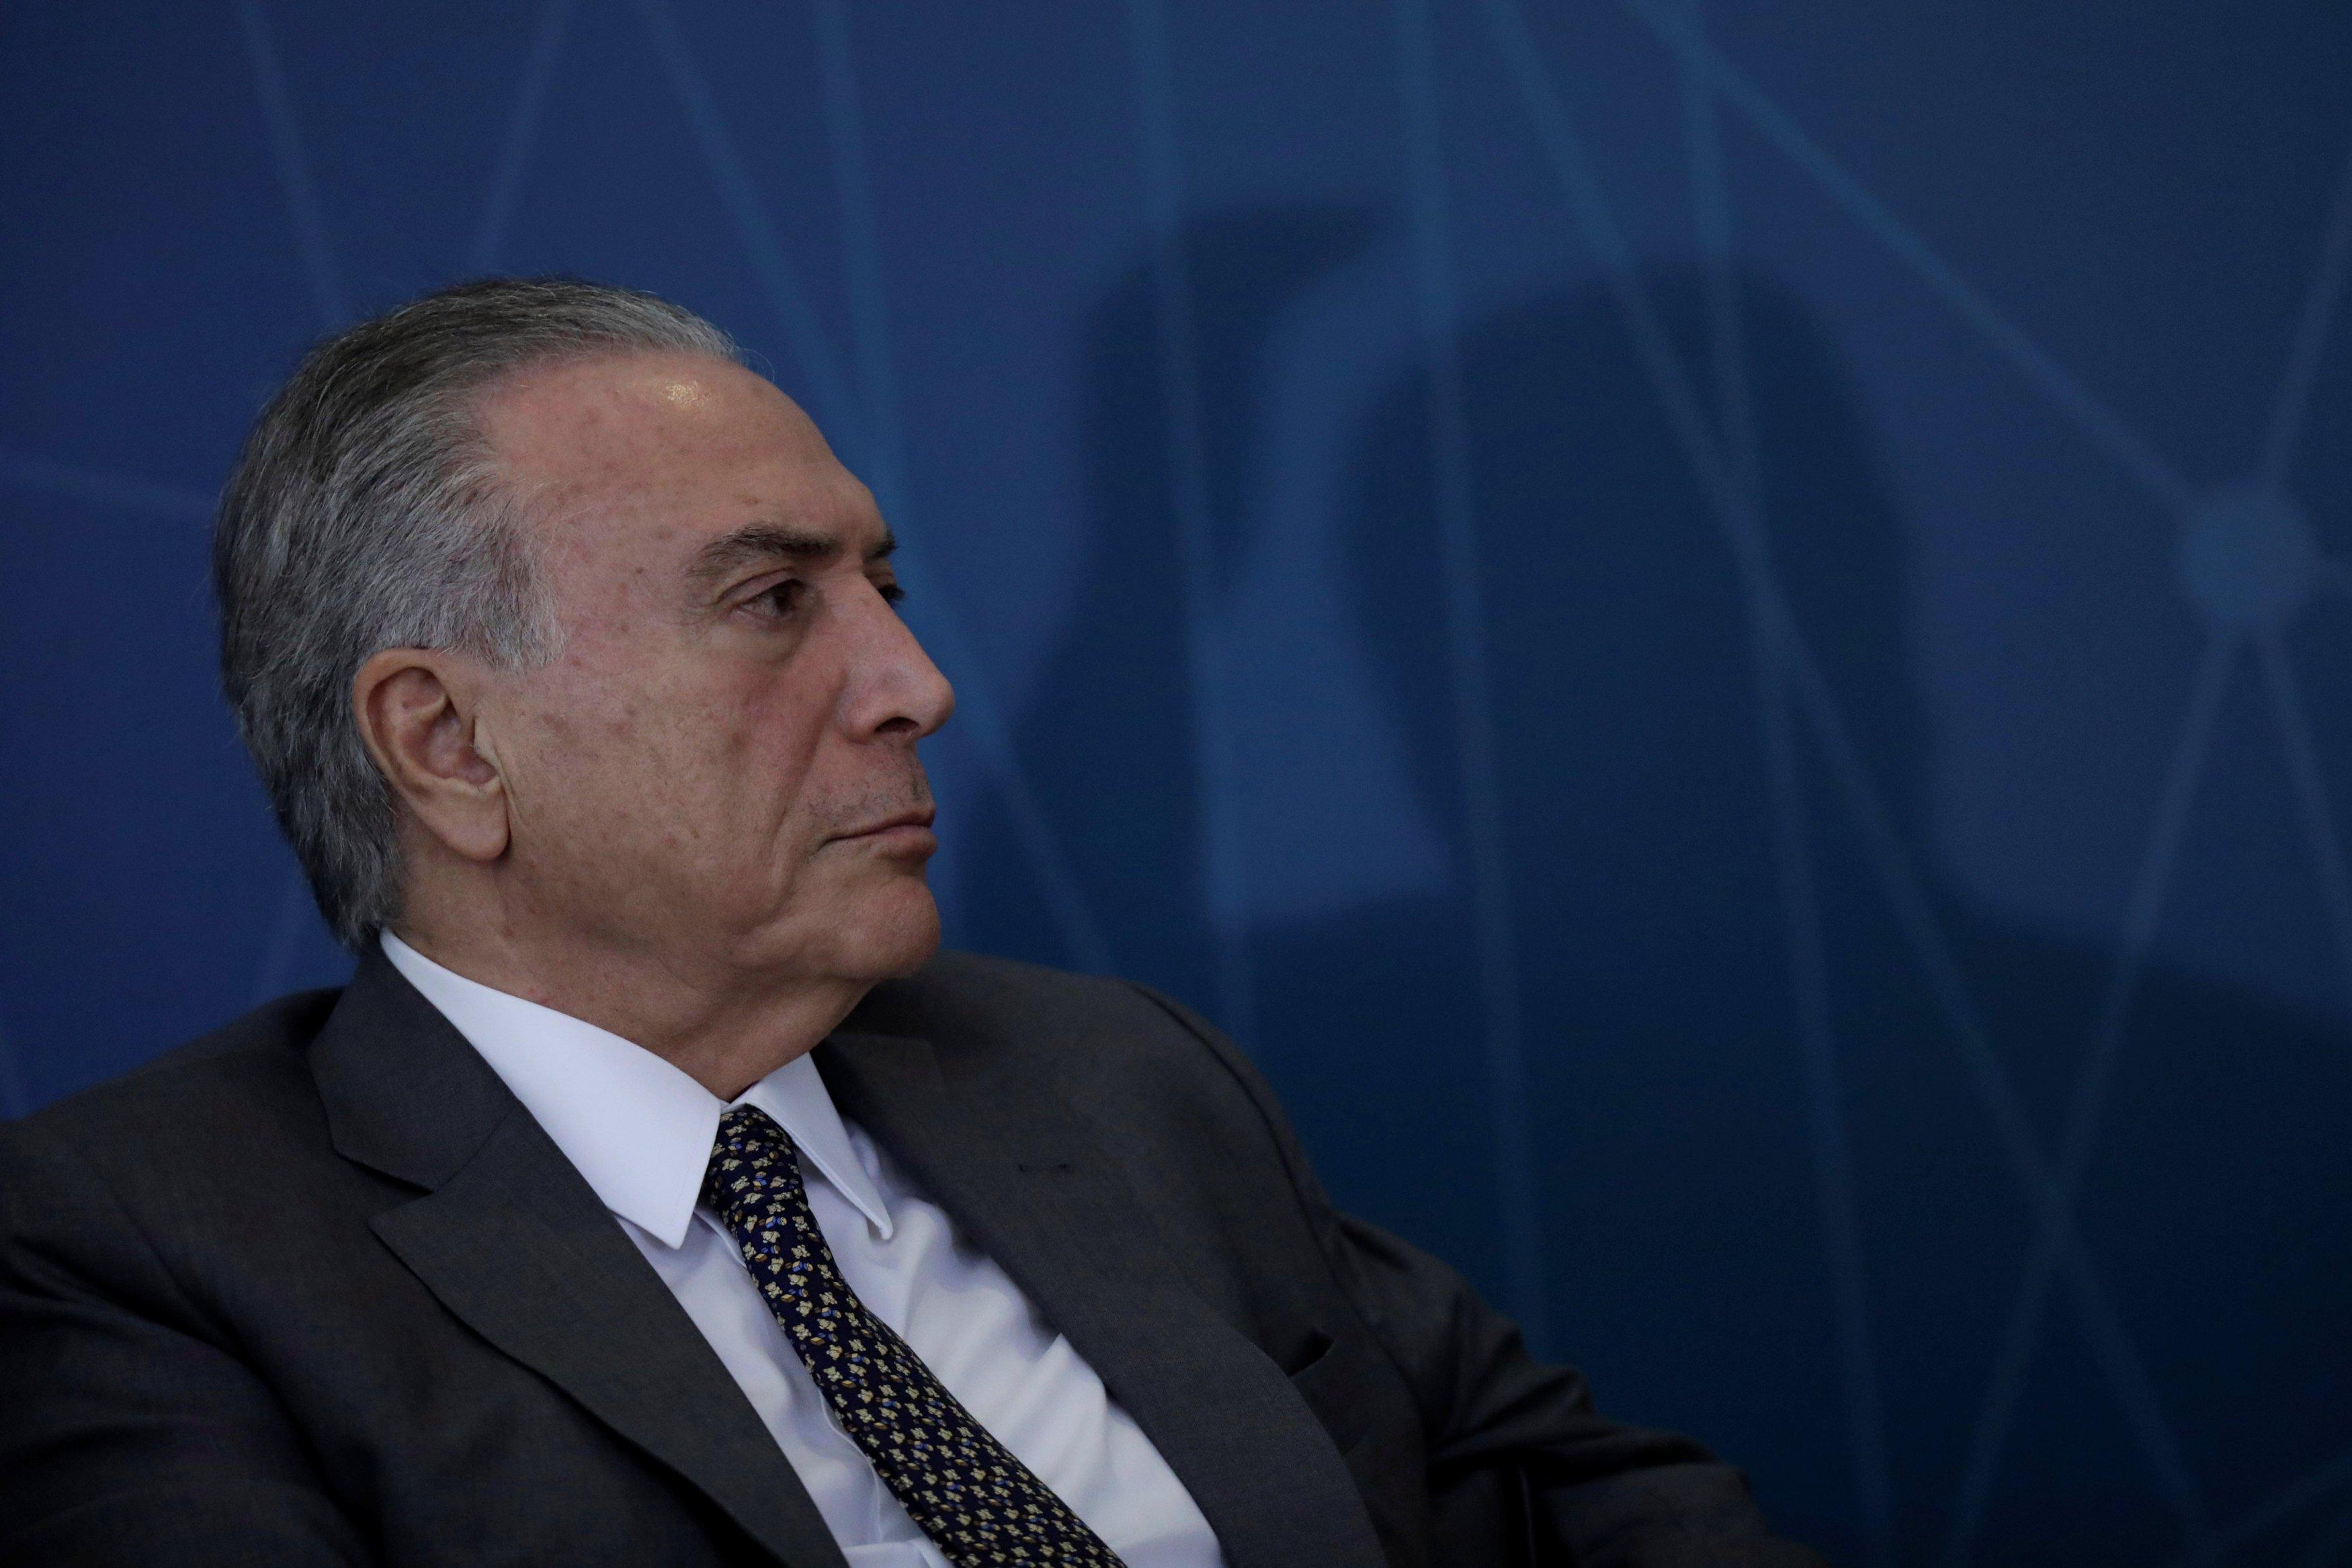 El presidente de Brasil, Michel Temer, observa durante la ceremonia de lanzamiento del programa